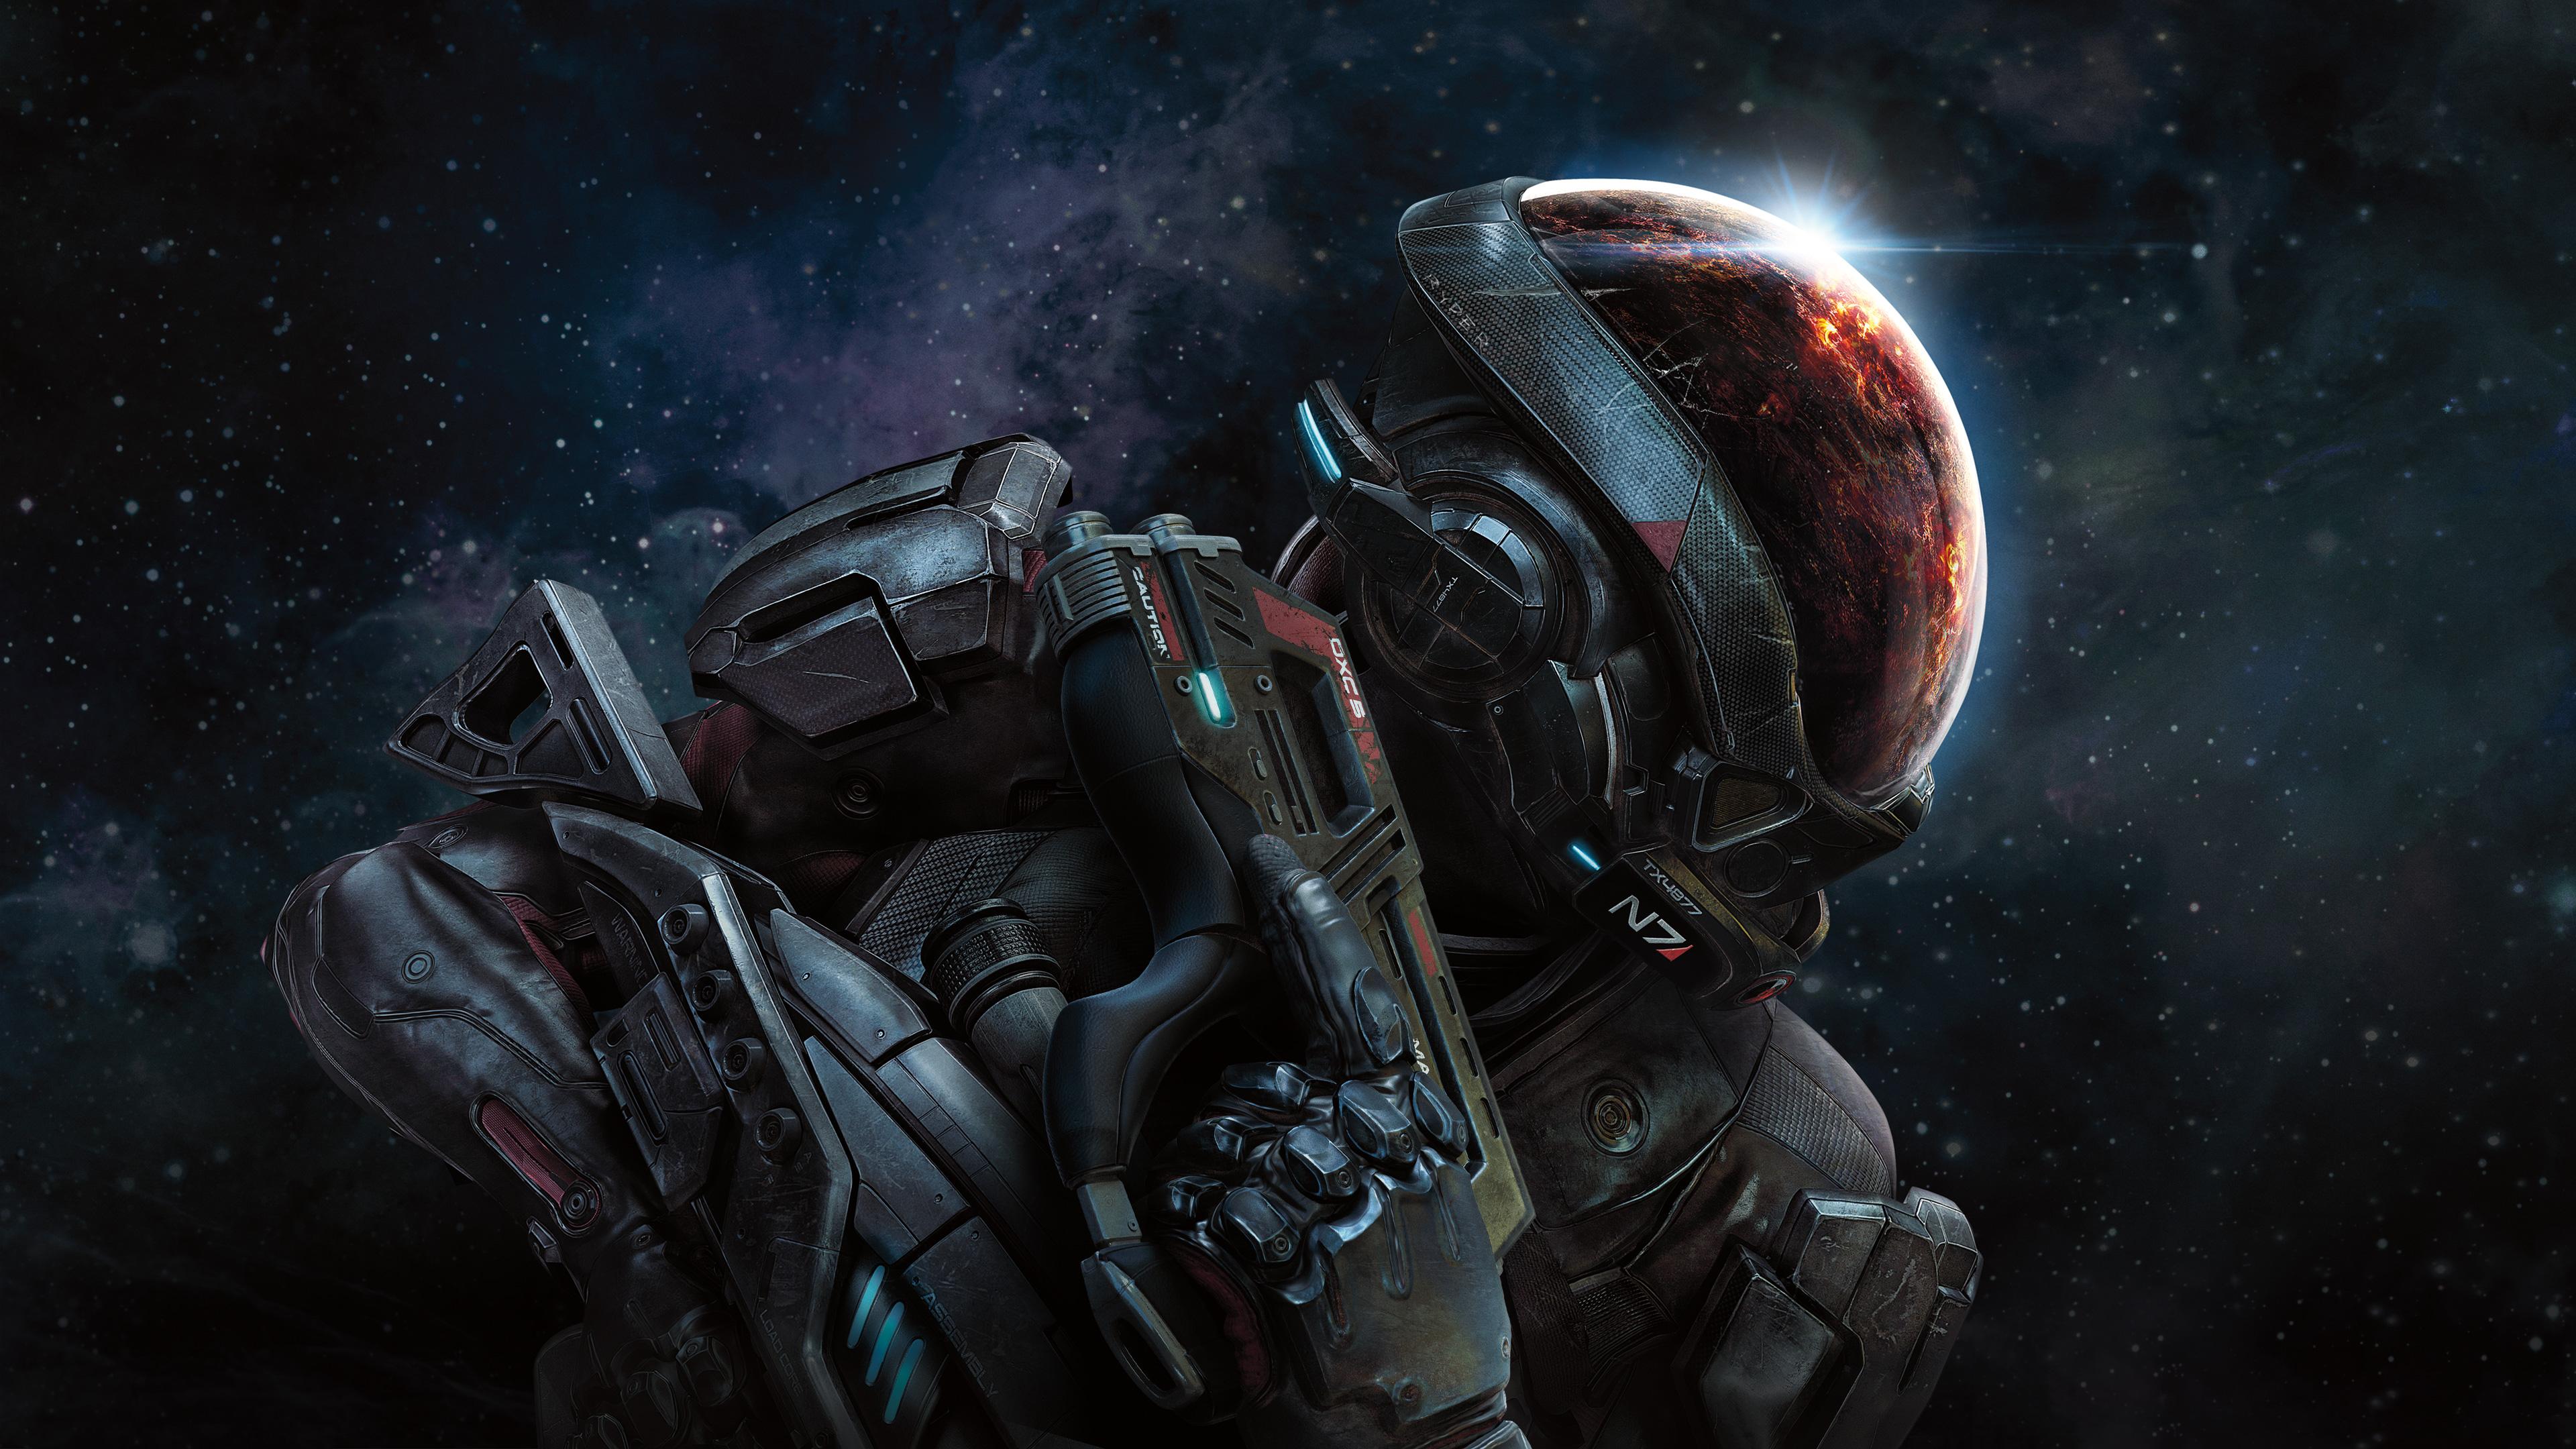 Wallpaper 4k Mass Effect Andromeda Ultra 4k 4k Wallpapers Games Wallpapers Hd Wallpapers Mass Effect Andromeda Wallpapers Pc Games Wallpapers Ps Games Wallpapers Xbox Games Wallpapers